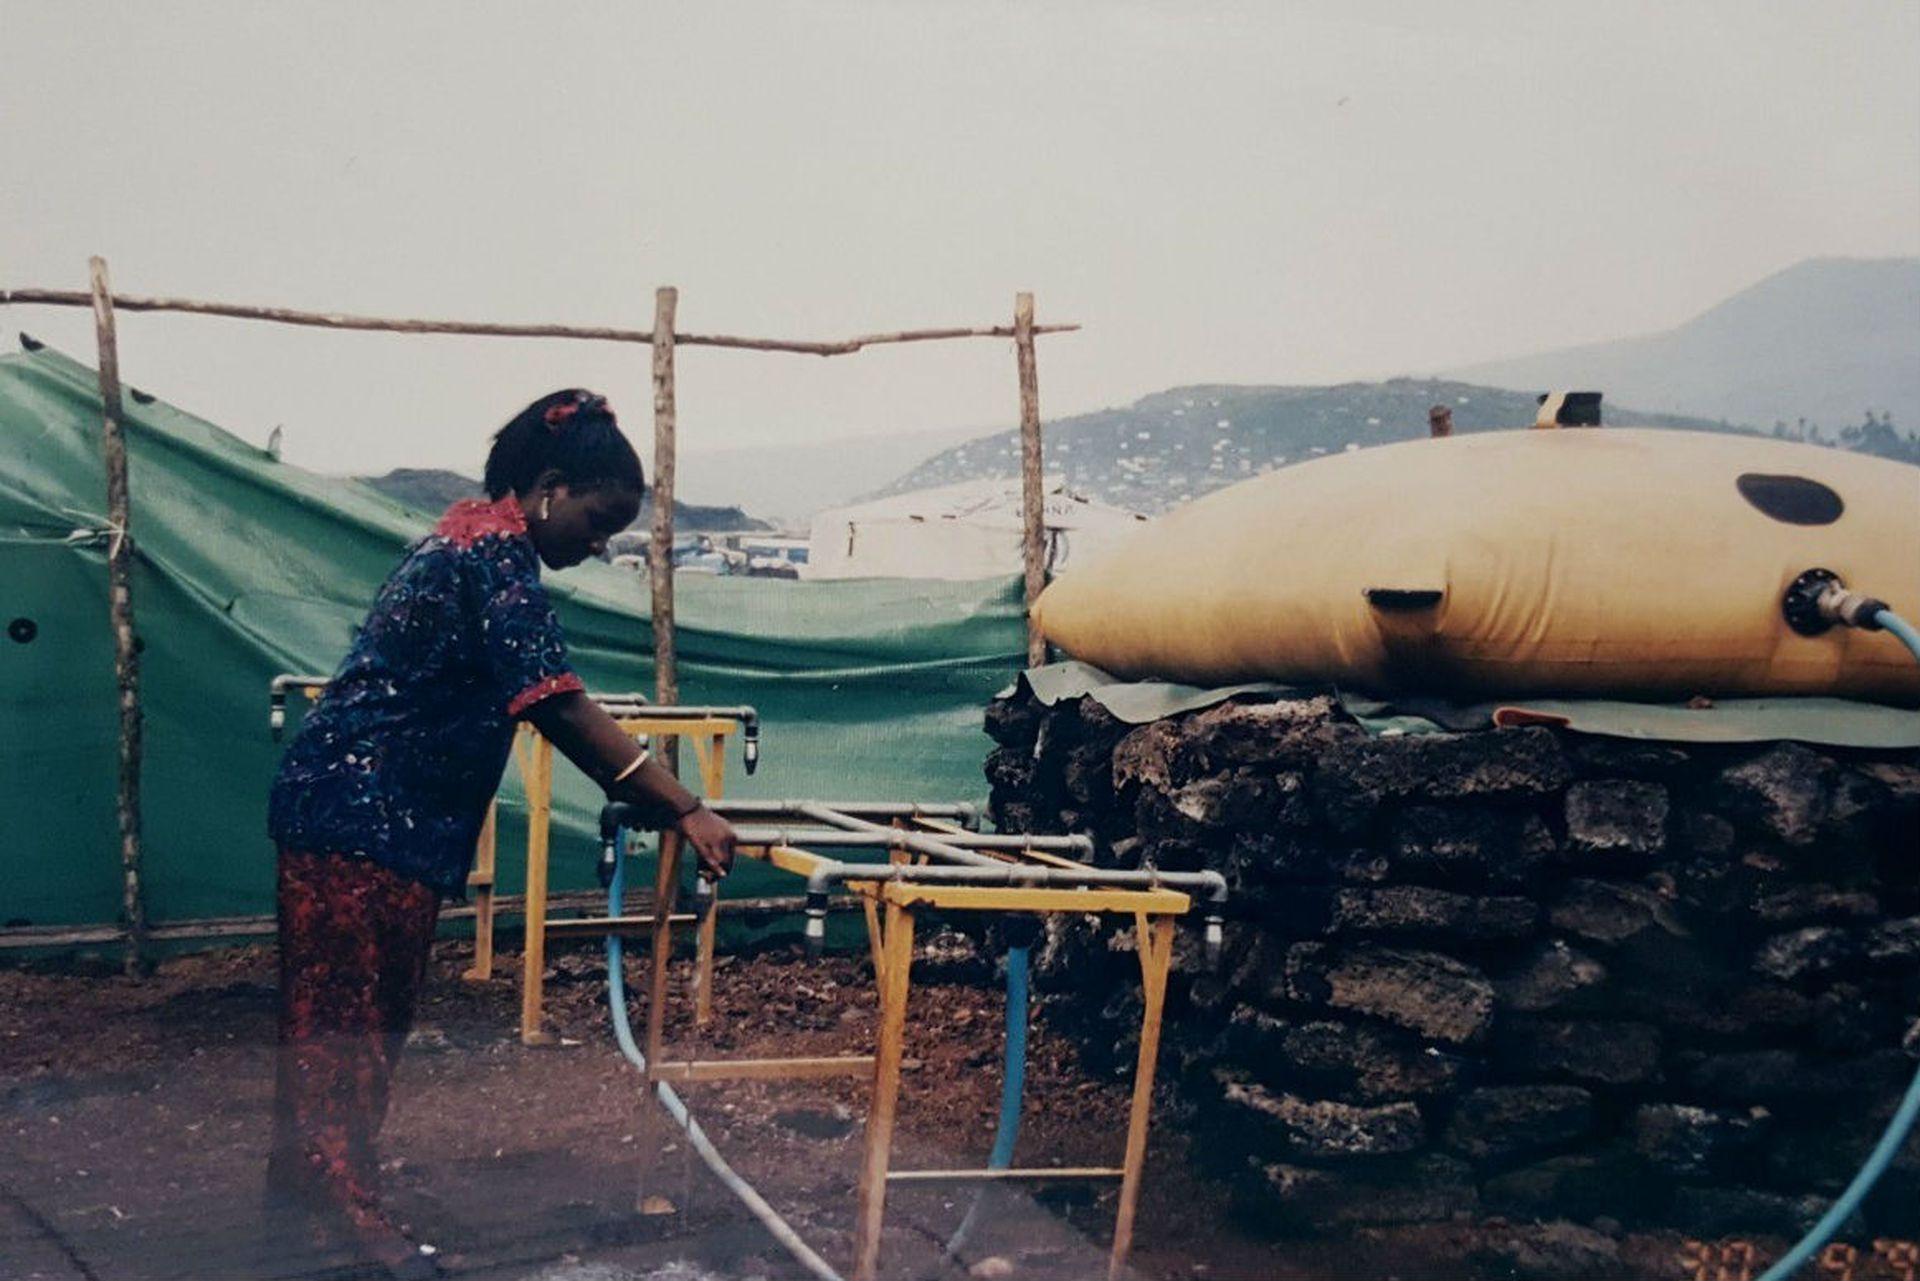 Otra imagen de Therese en el campo de refugiados